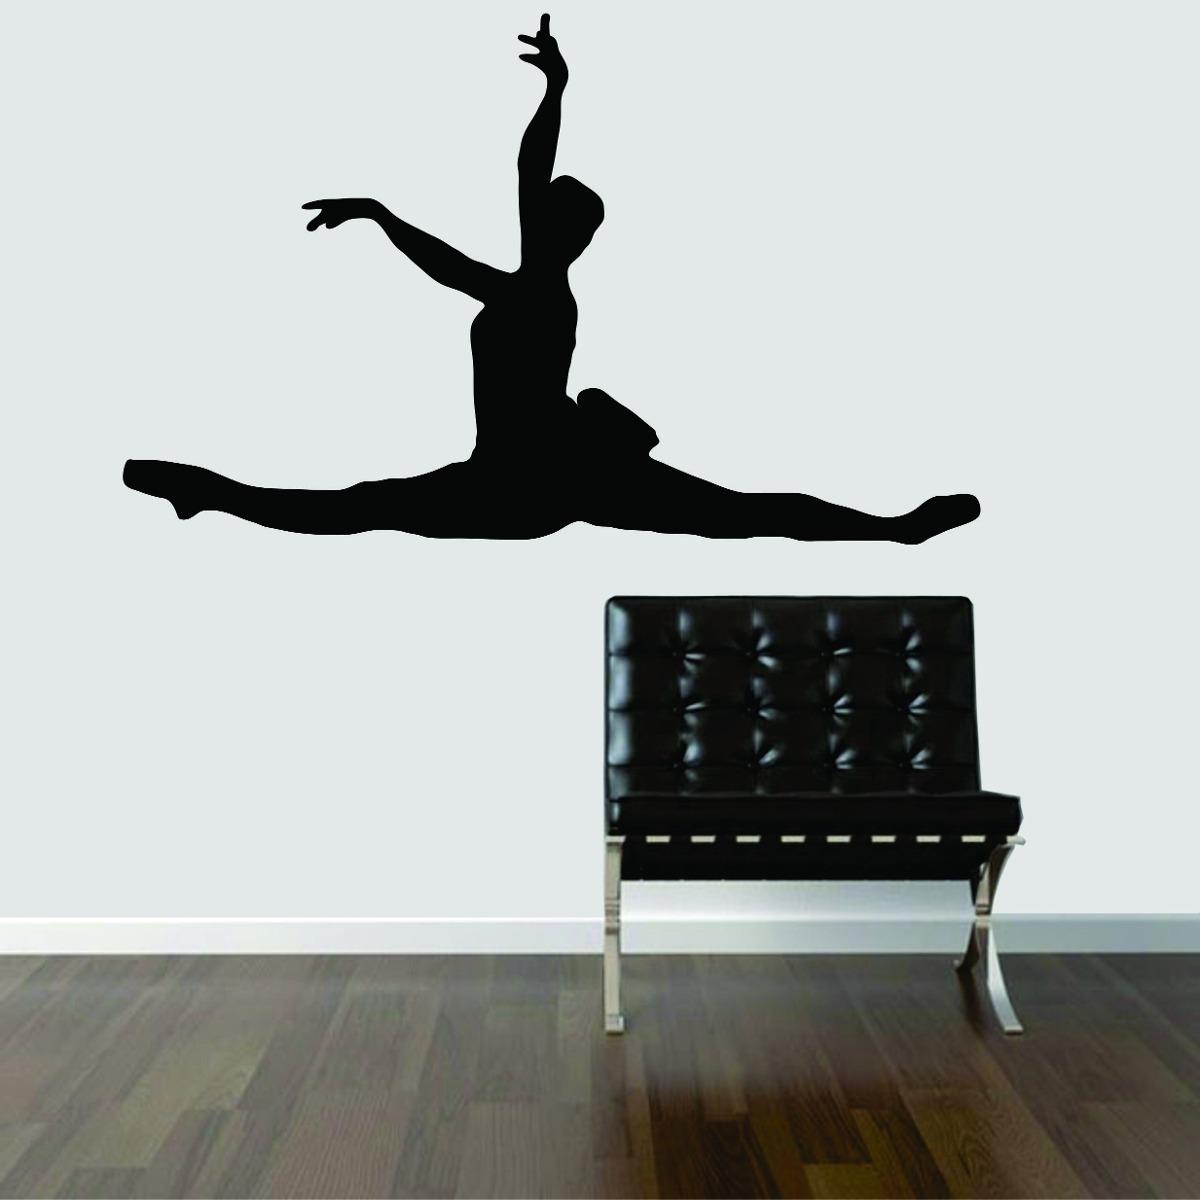 Adesivo Azulejo Pastilha Resinada ~ Adesivo De Parede Bailarina Balé Música Clássica Dança R$ 24,99 em Mercado Livre